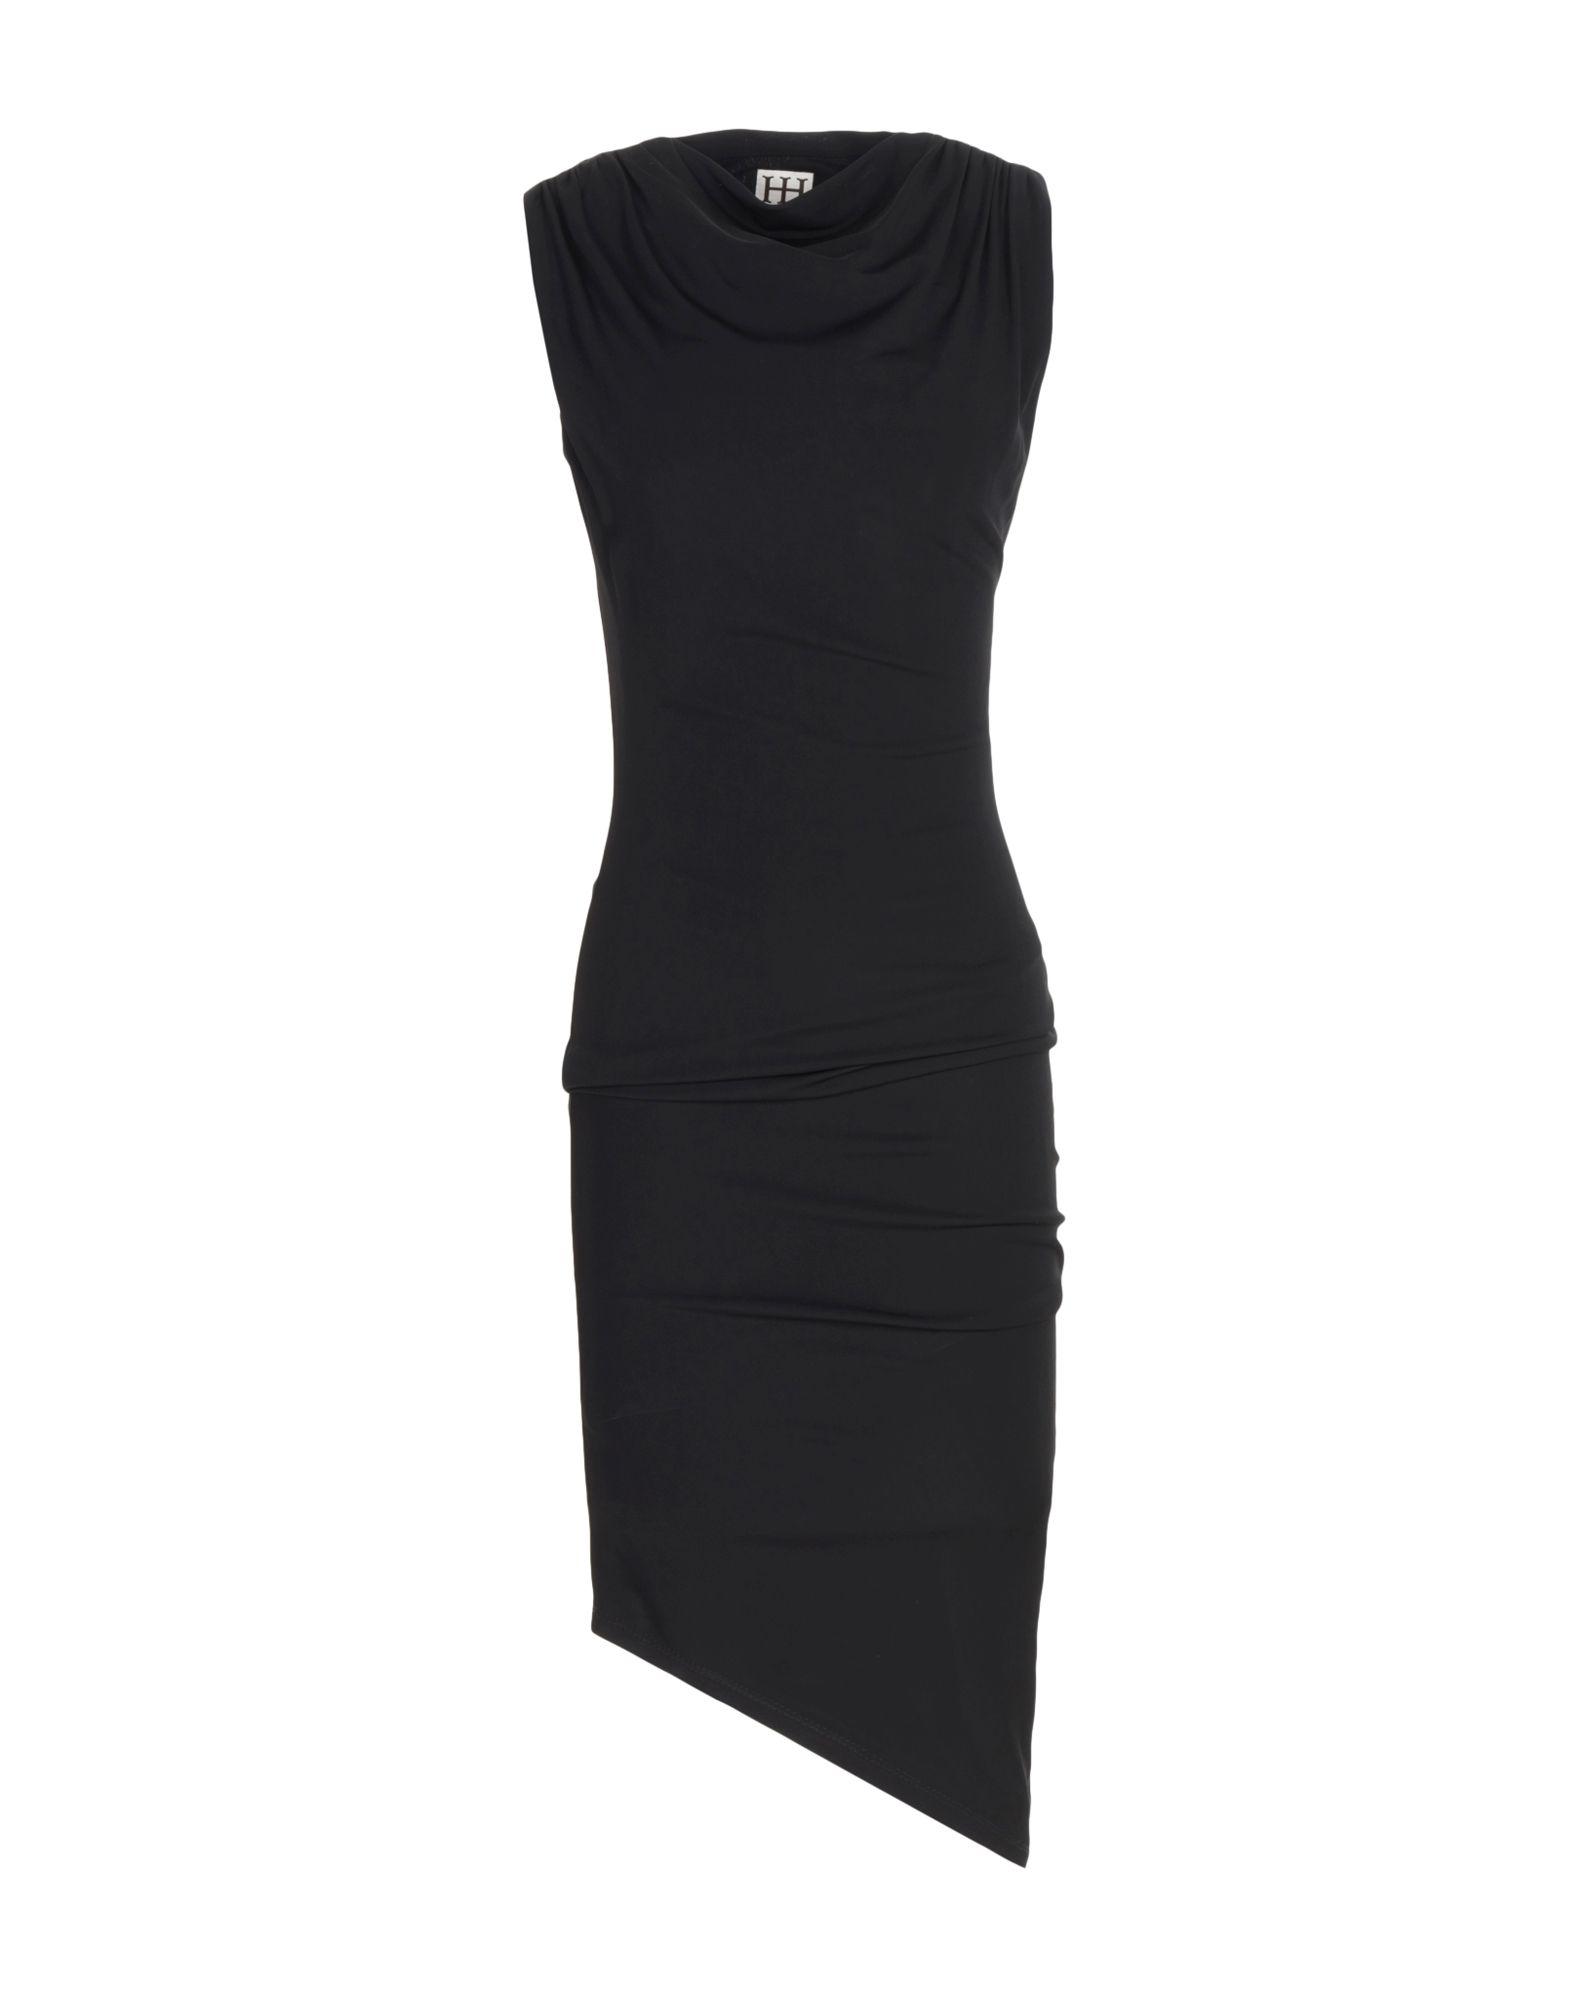 HAUTE HIPPIE Damen Knielanges Kleid Farbe Schwarz Größe 3